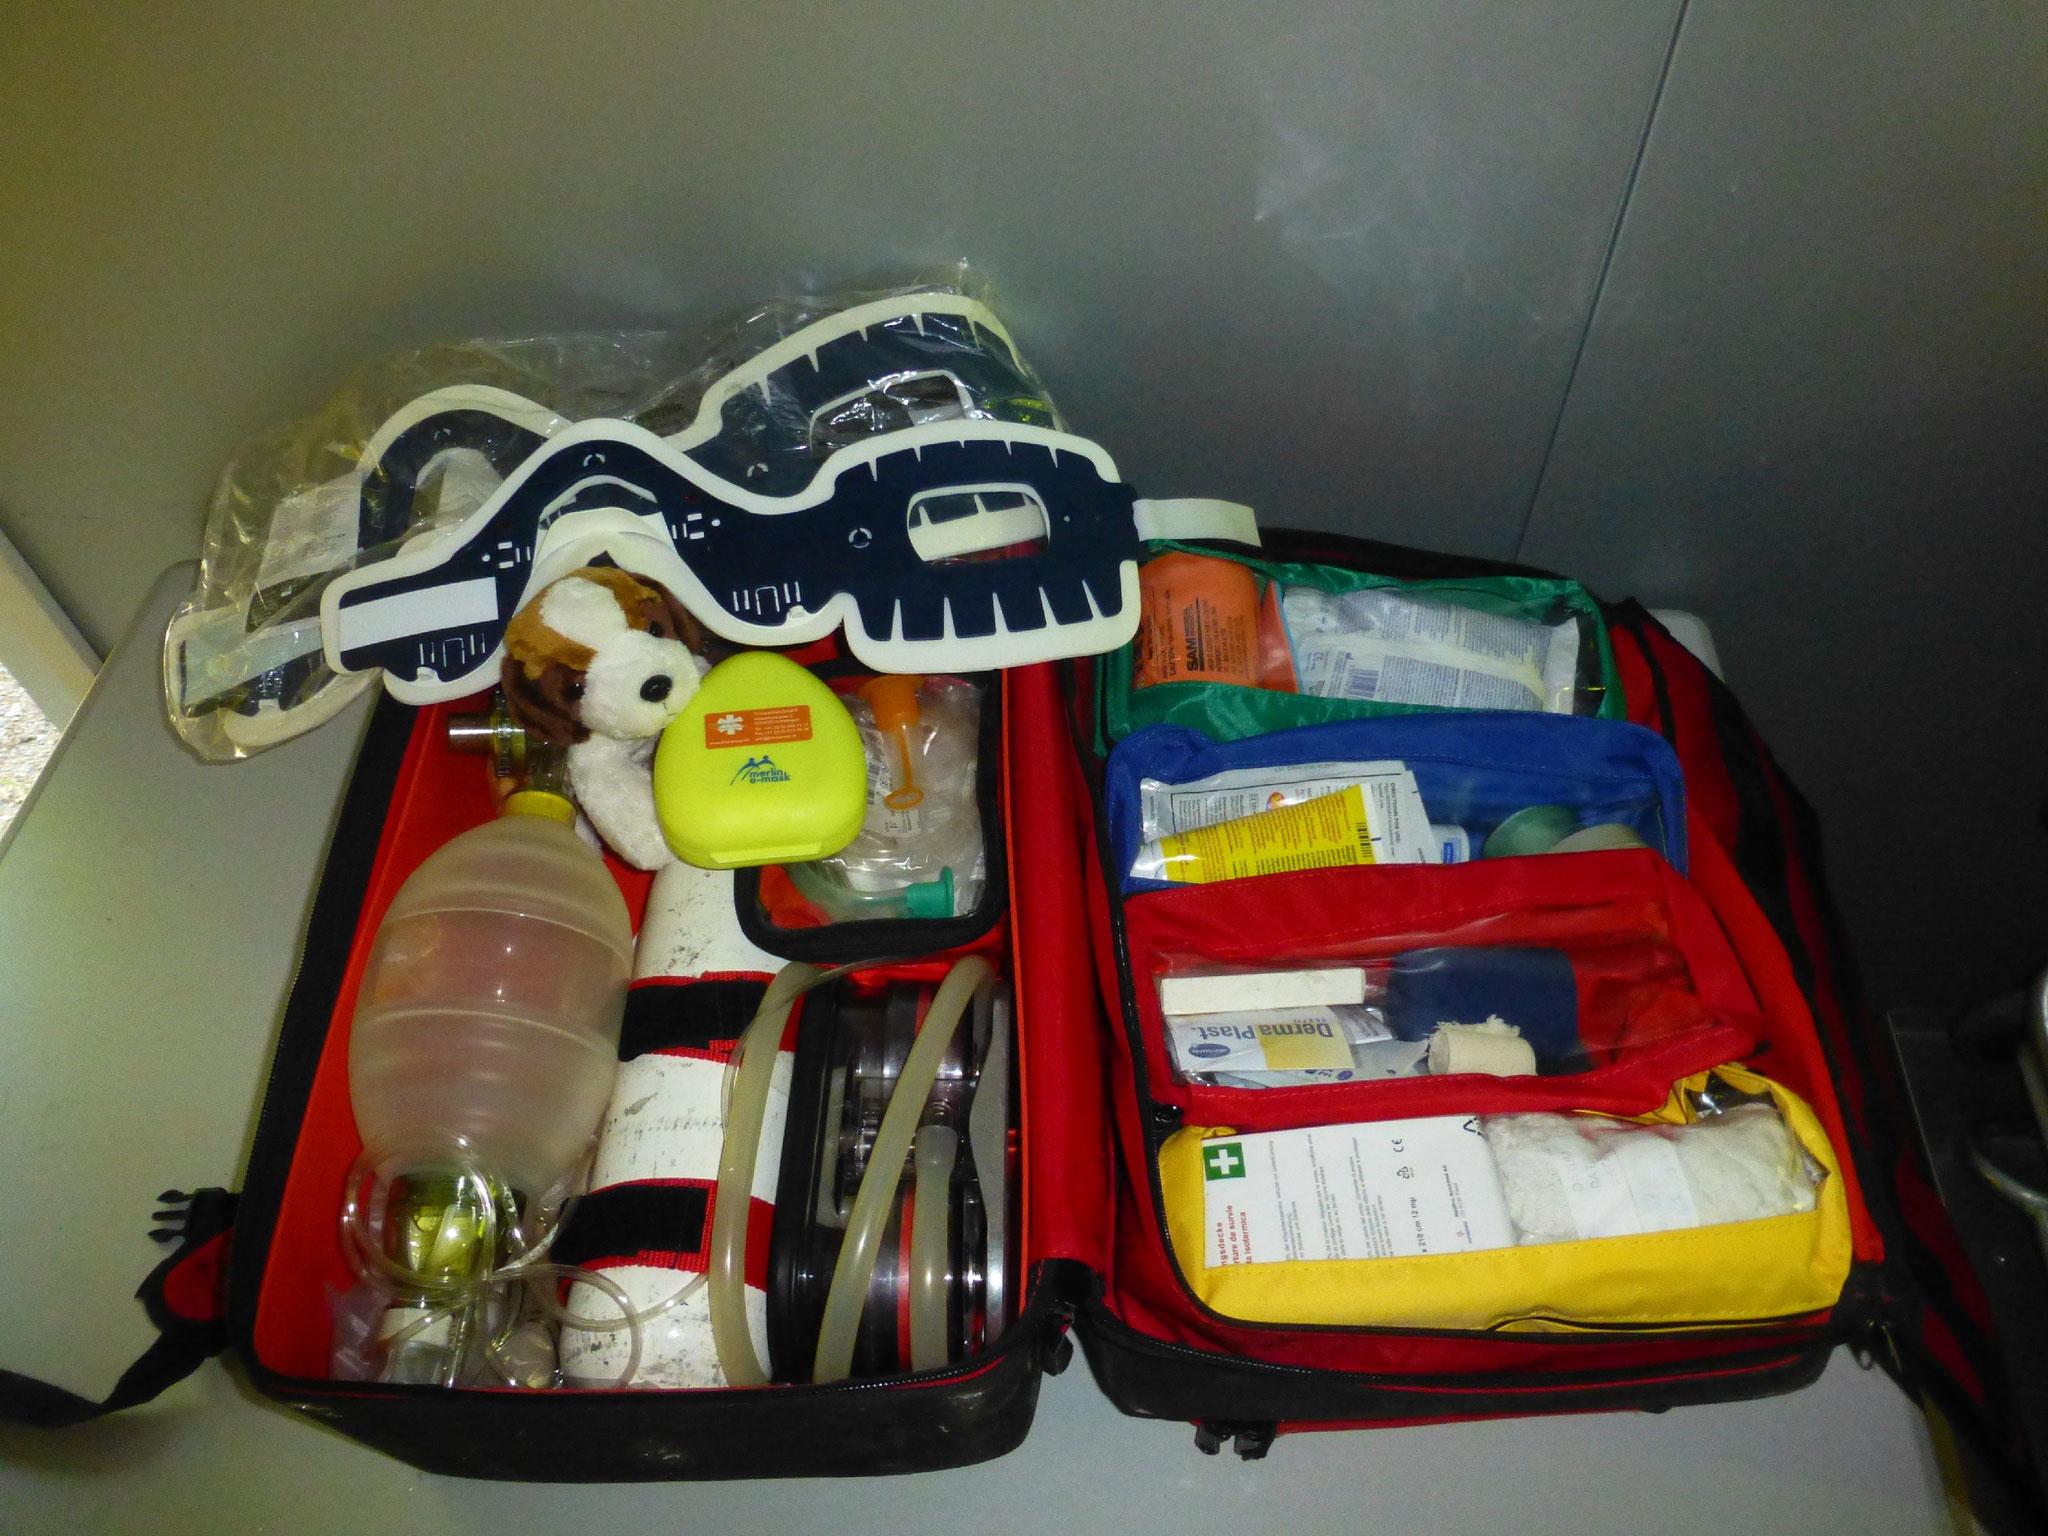 mit Sauerstoff und allem Nötigen - auch Blutdruckmessgerät, Pulsoximeter, Blutzuckermessgerät